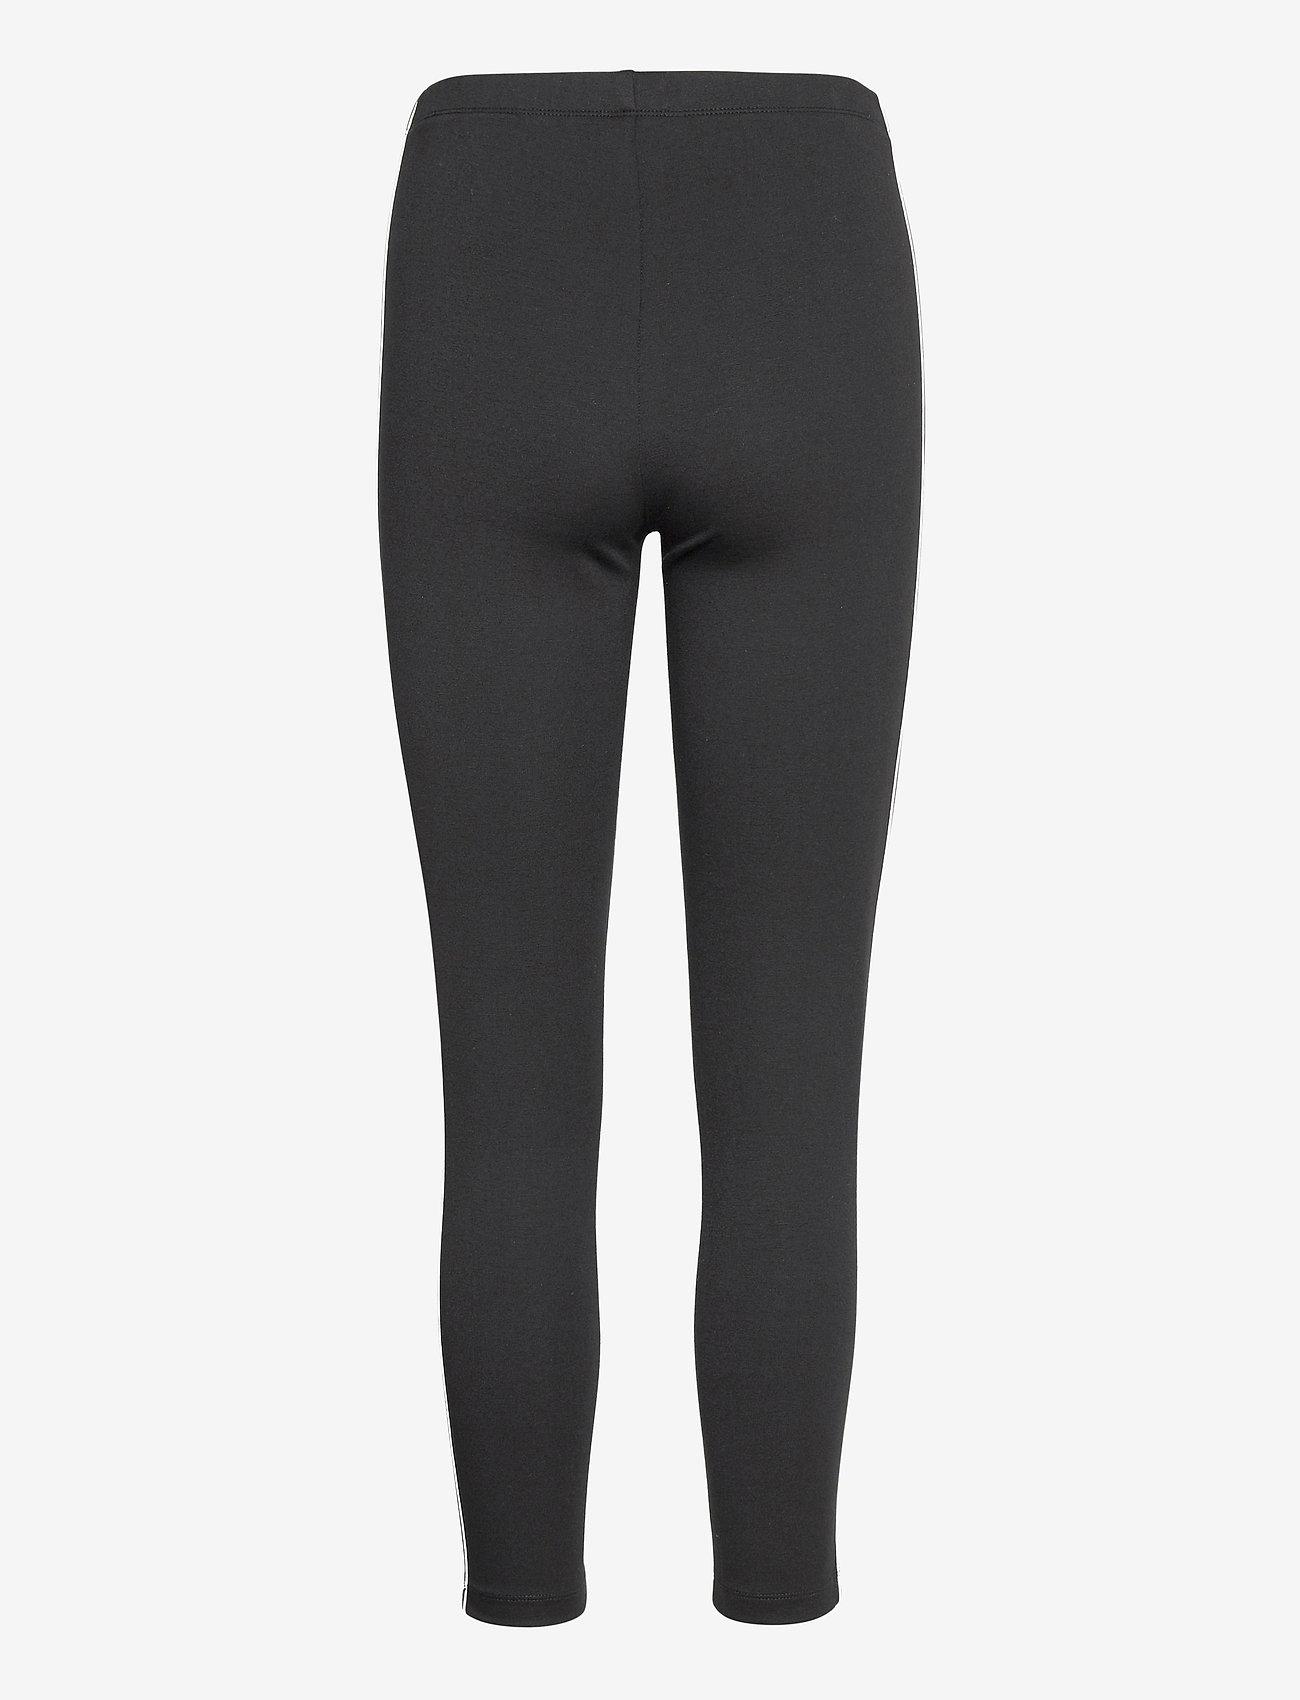 Tommy Jeans - TJW ESSENTIAL TAPE LEGGING - leggings - black - 1